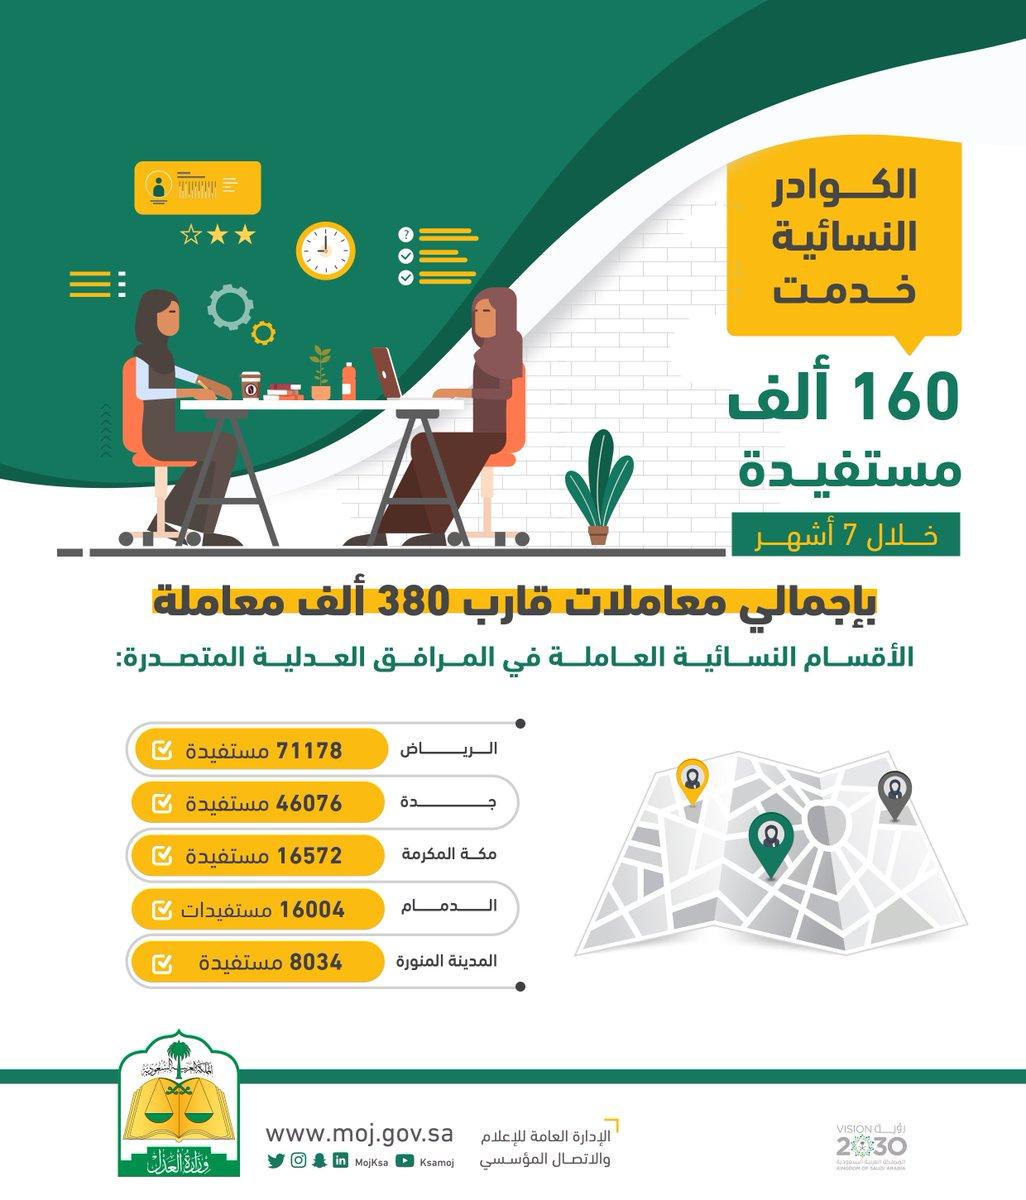 وزارة العدل Twitterissa أرقام عدلية الكوادر النسائية خدمت 160 ألف مستفيدة في المرافق العدلية خلال 7 أشهر